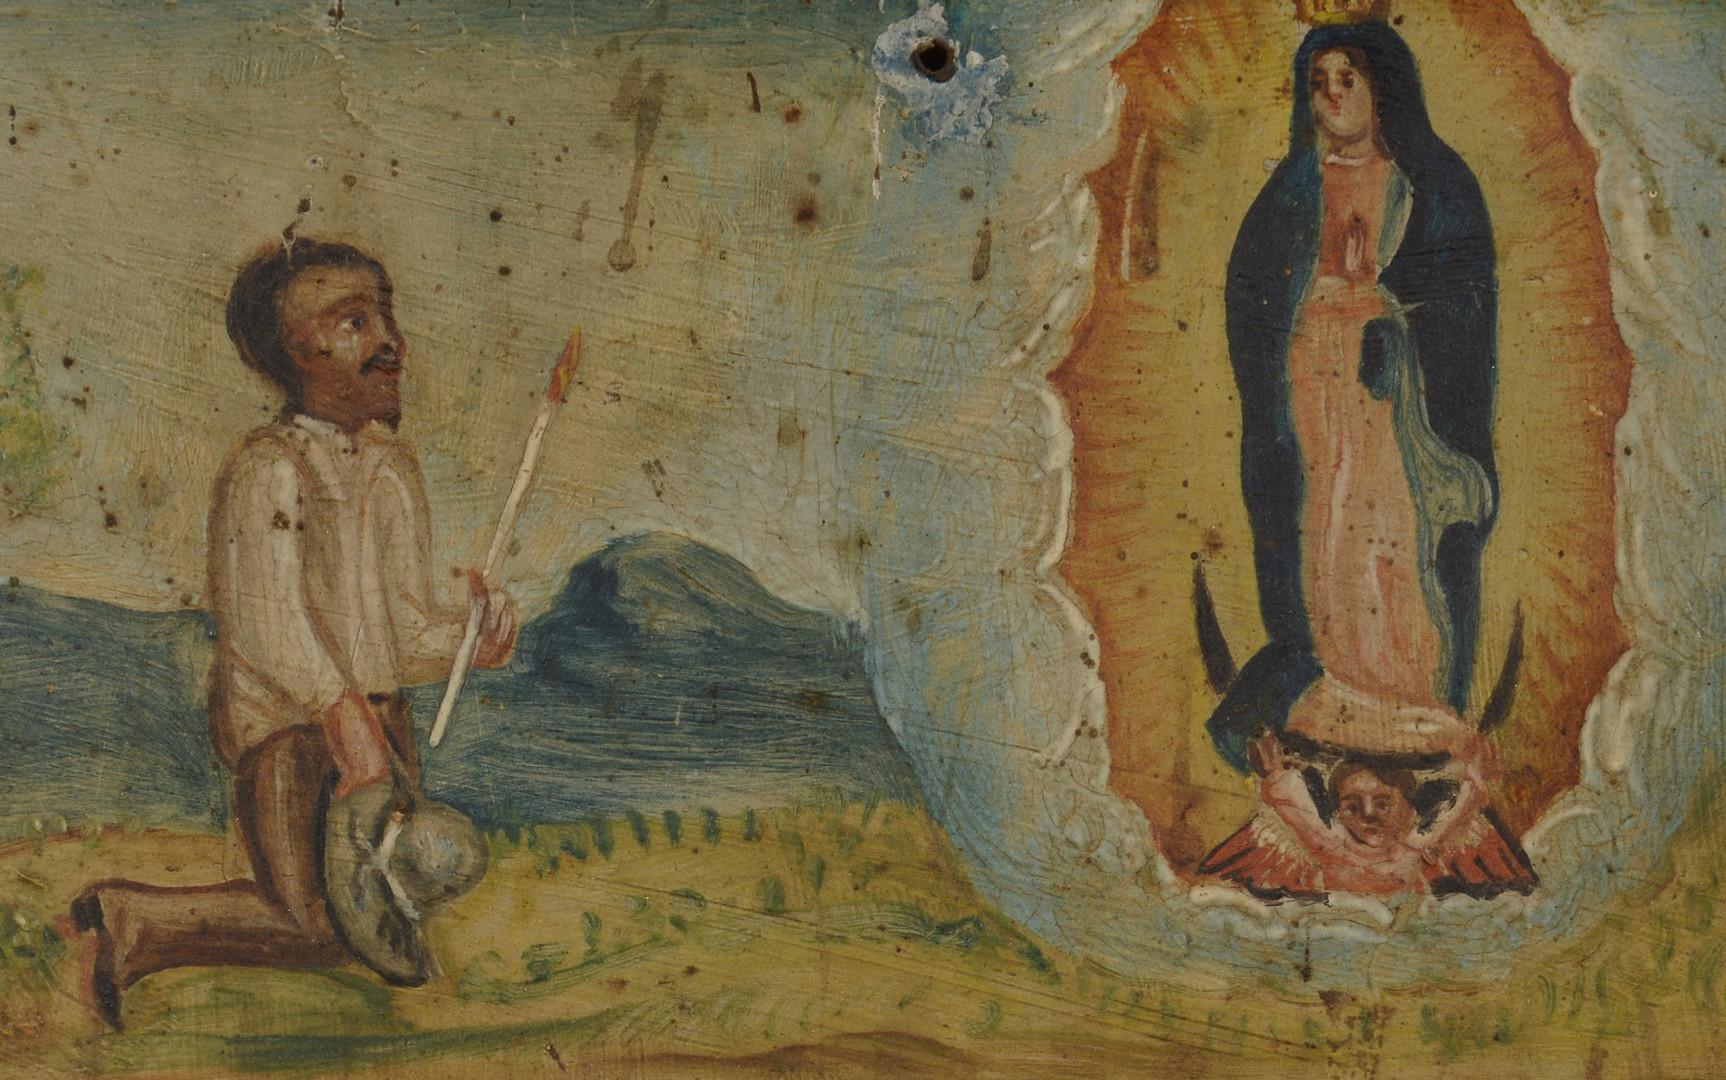 Lot 704: Religious Eglomise and Retablo